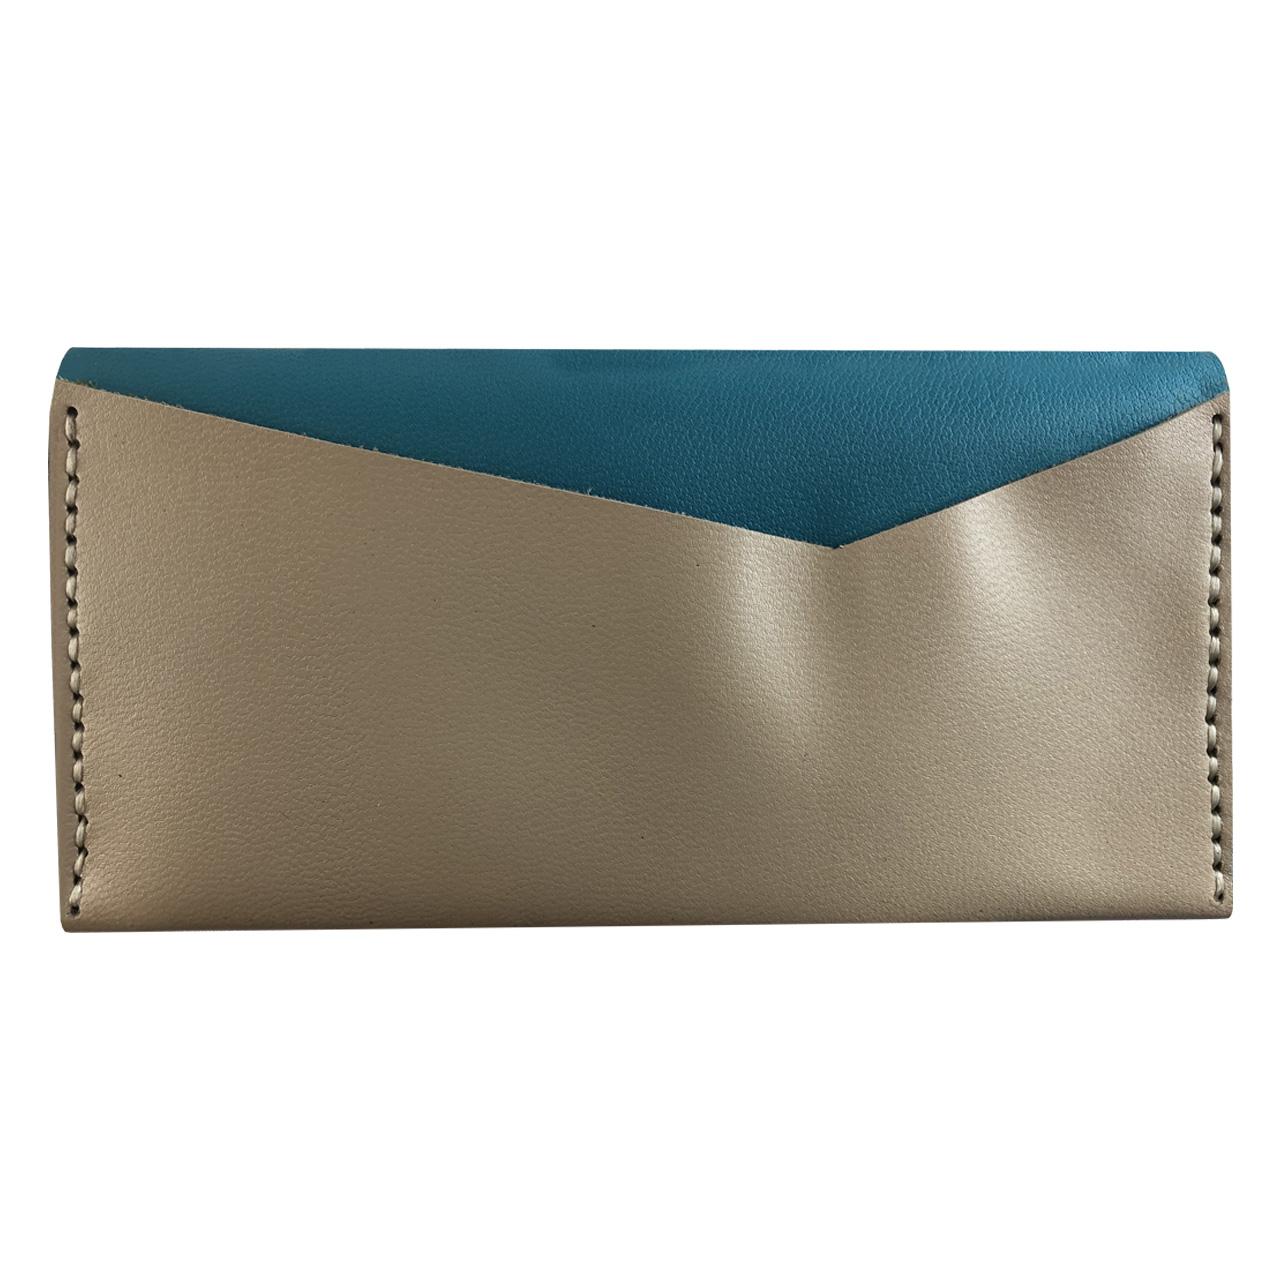 کیف پول چرم طبیعی ای دی گالری مدل R3-GB